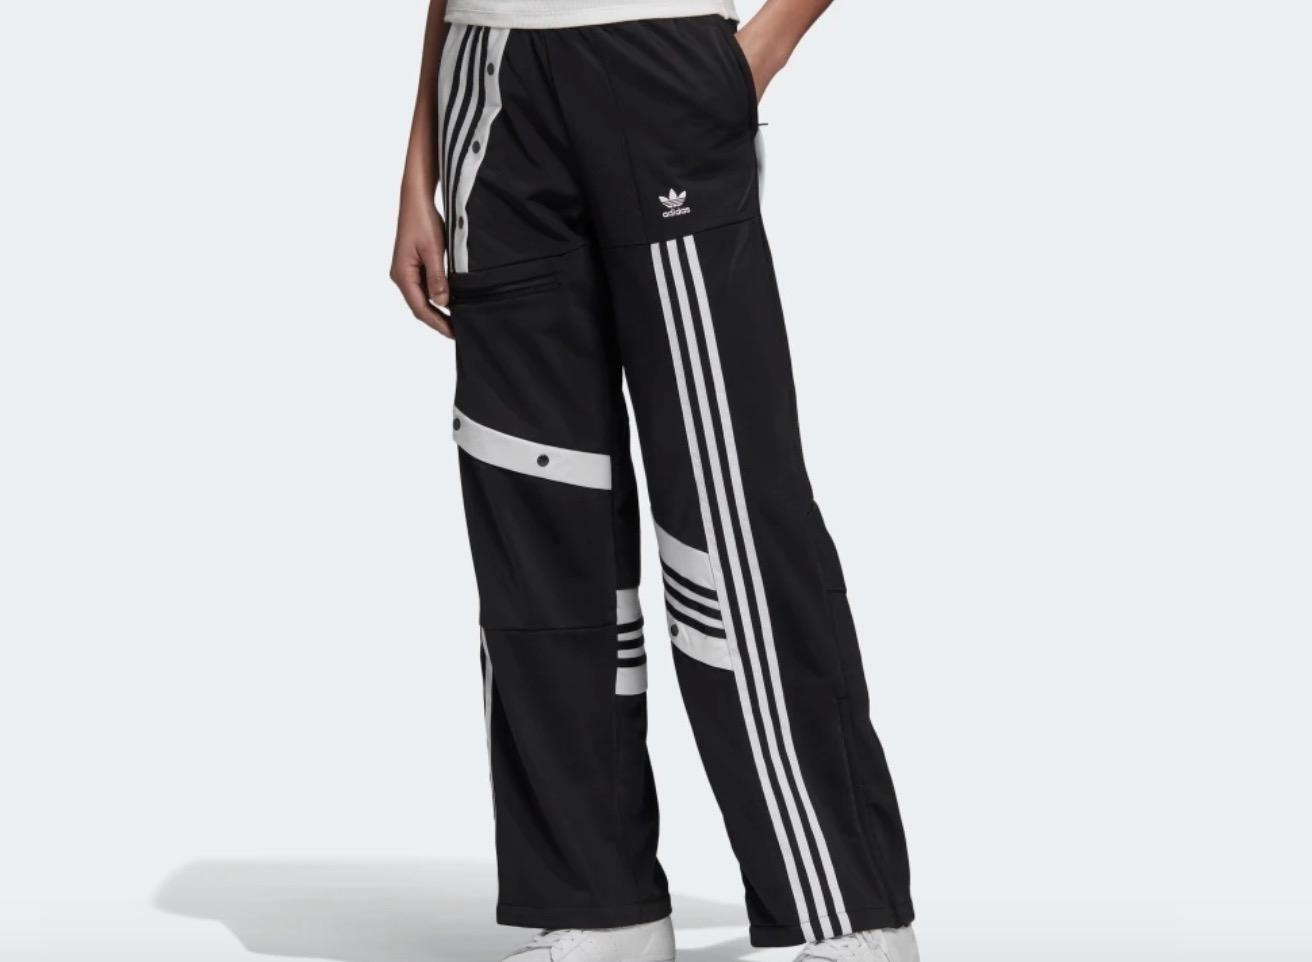 Danielle Cathari x adidas Joggers Black